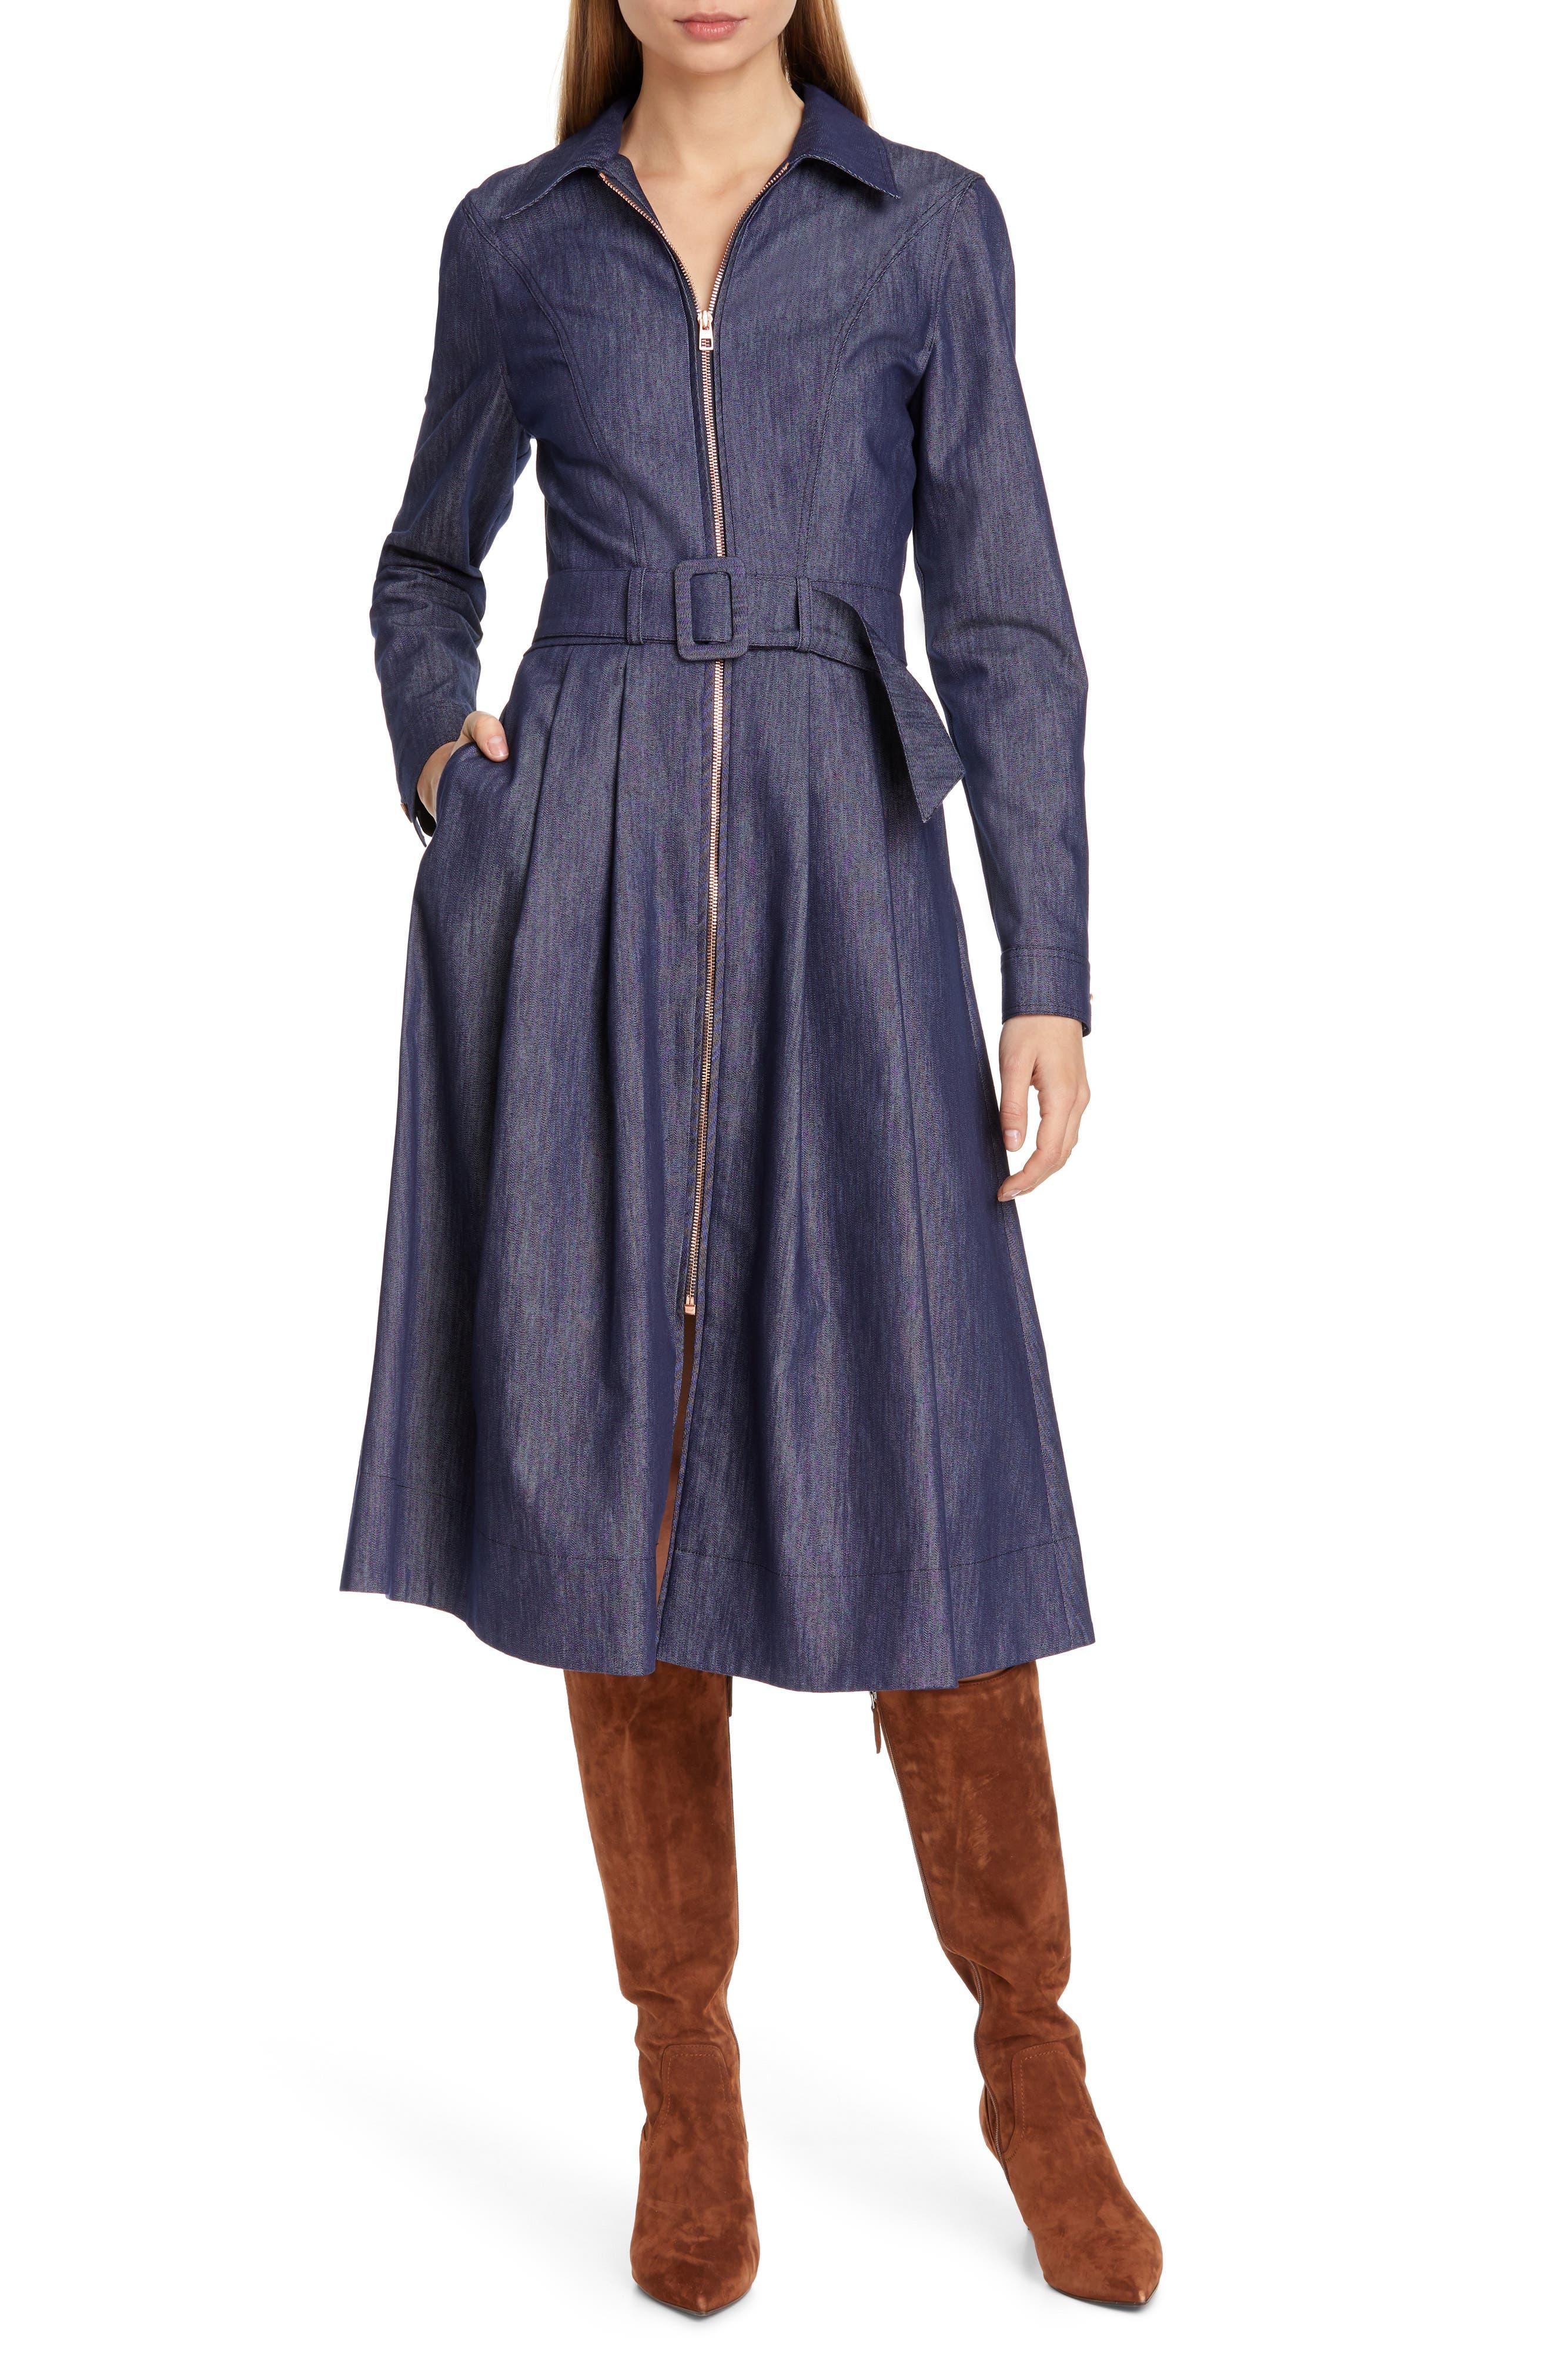 TOMMY X ZENDAYA Belted Denim Dress, Main, color, DENIM BLUE